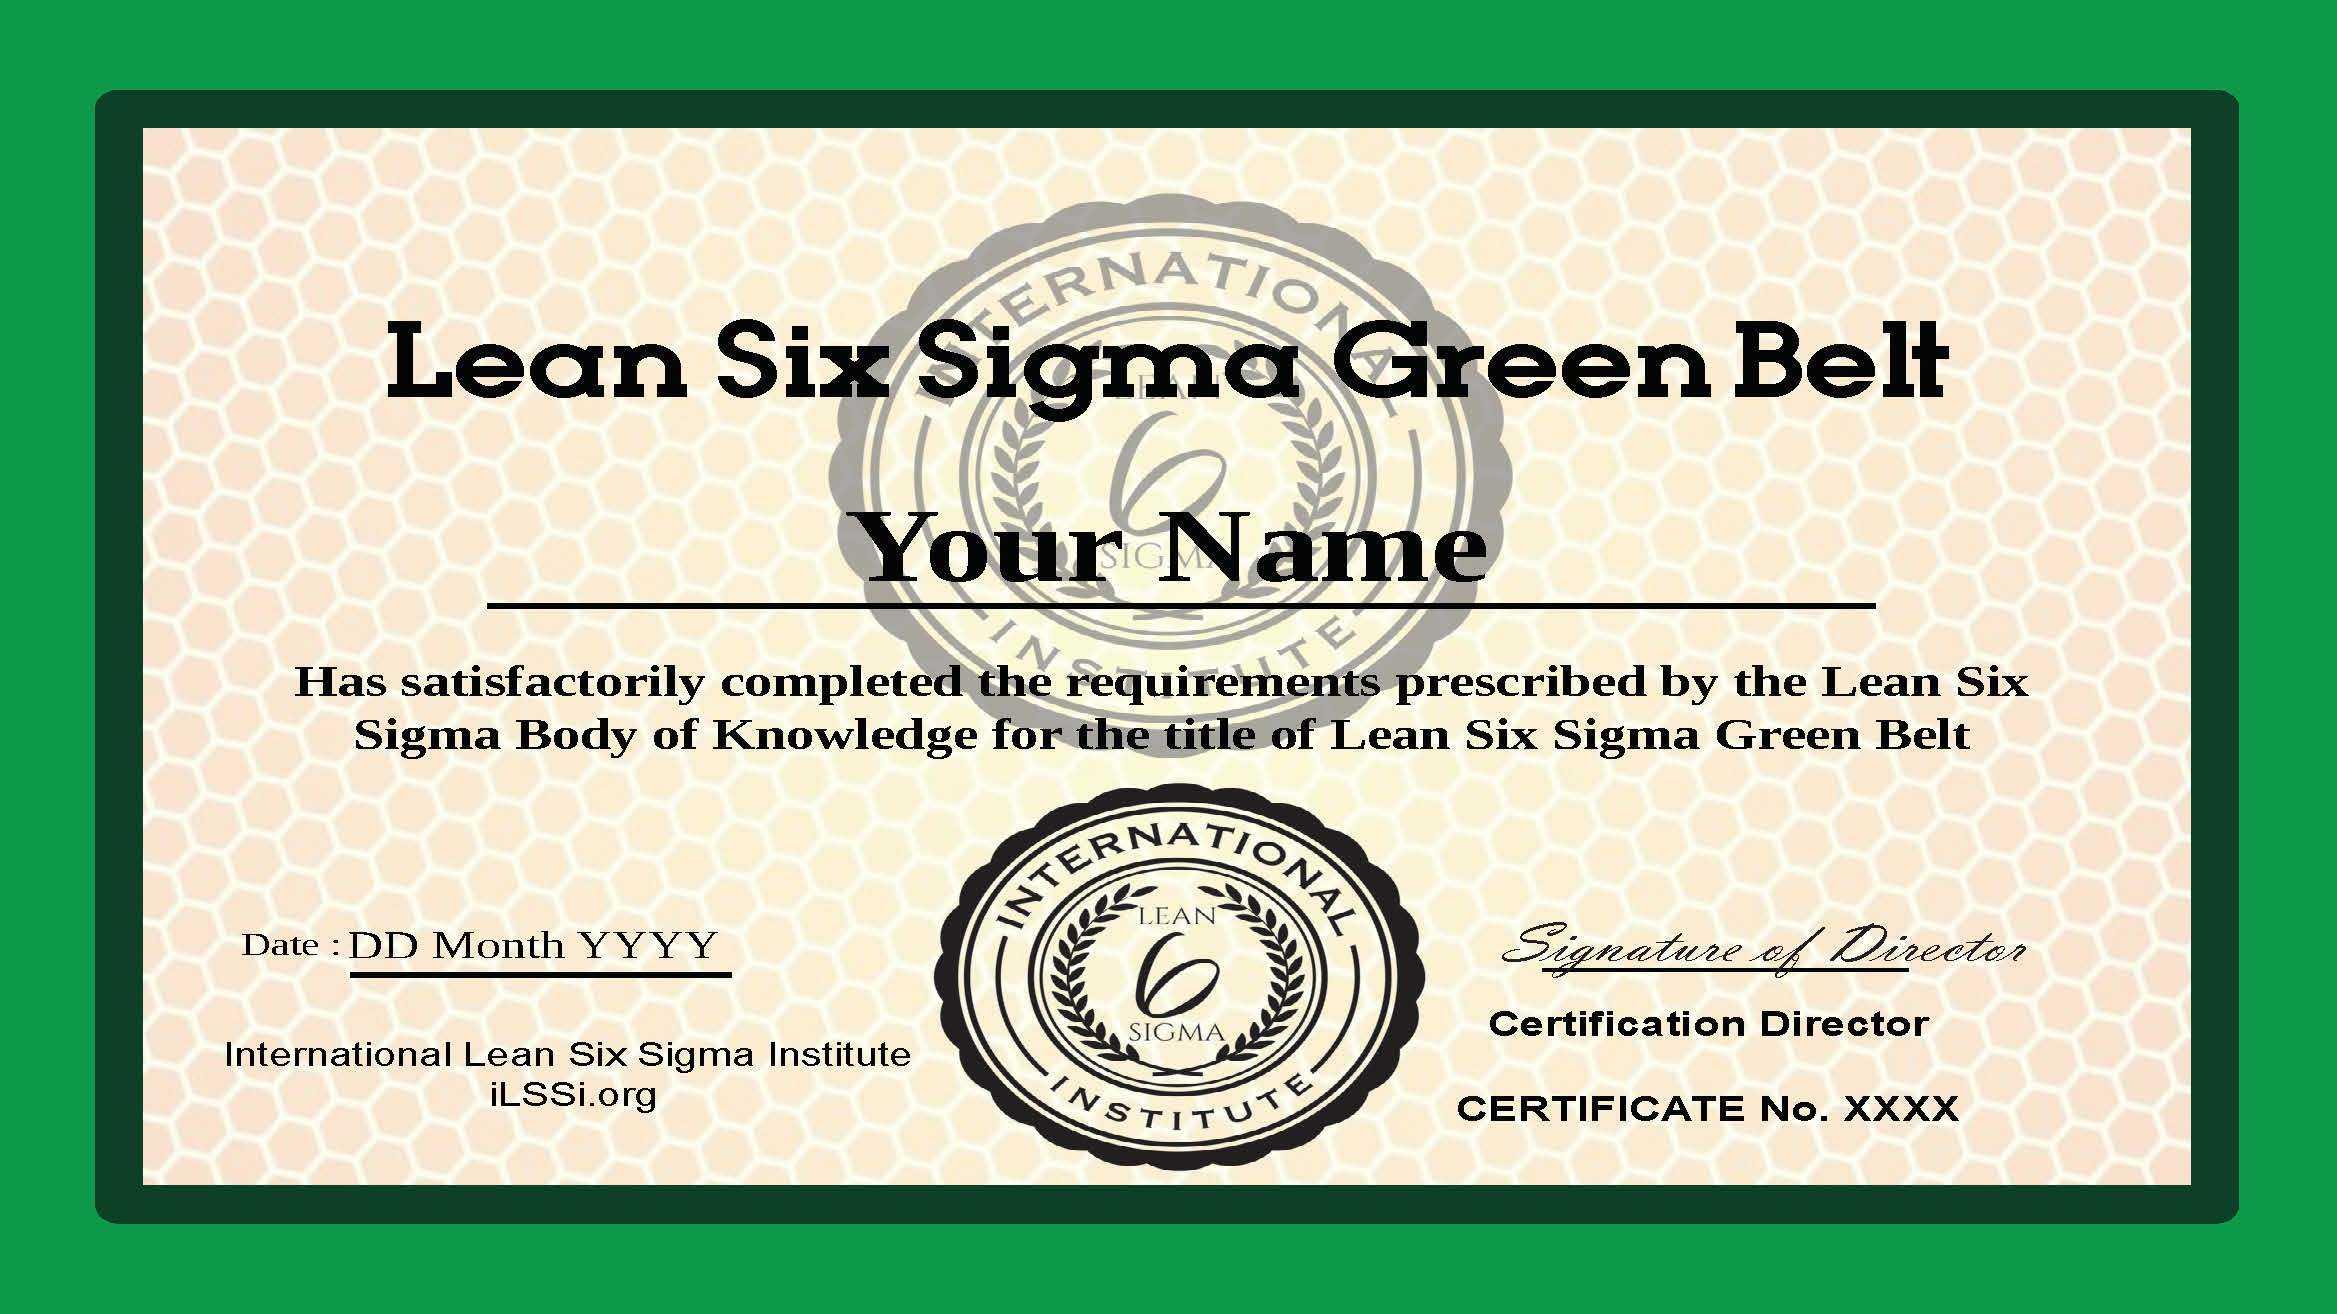 Ilssi Green Belt Oct 2019 Template With Regard To Green Belt Certificate Template